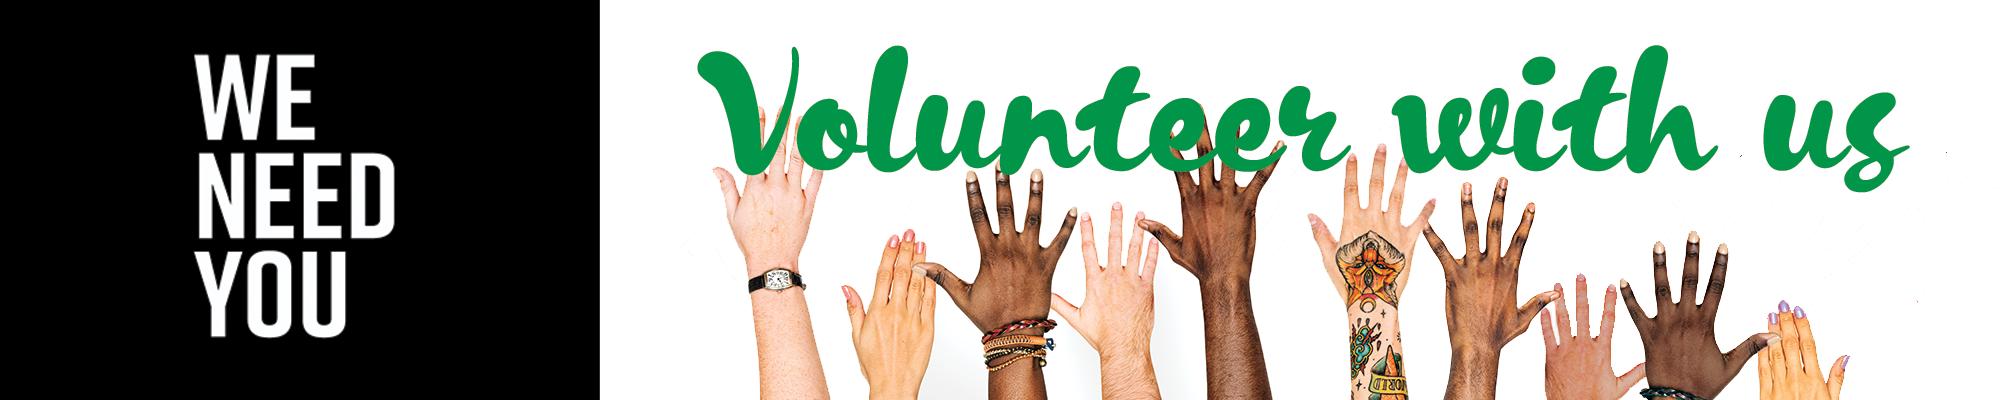 diverse volunteer hands